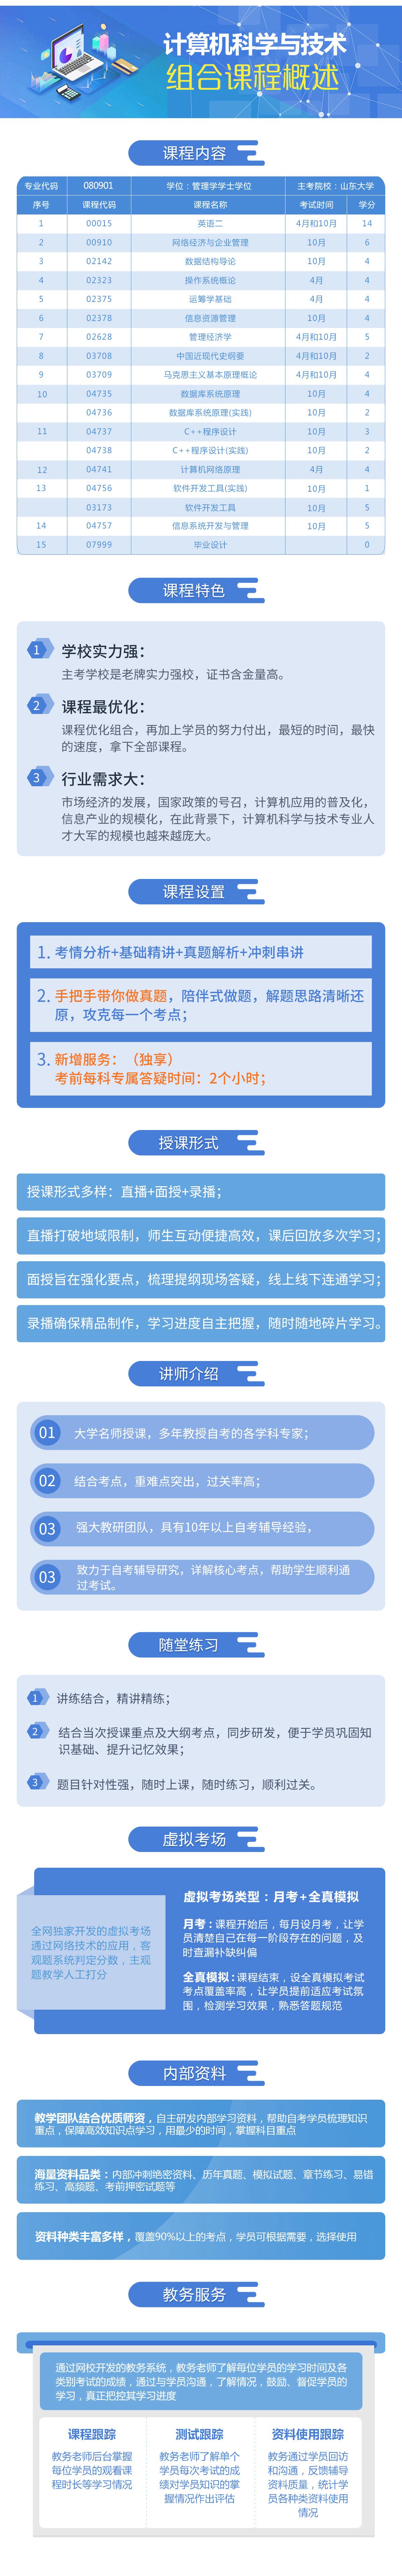 计算机概论随堂练_自学考试-计算机科学与技术-本科-普通班-[新里程网校]